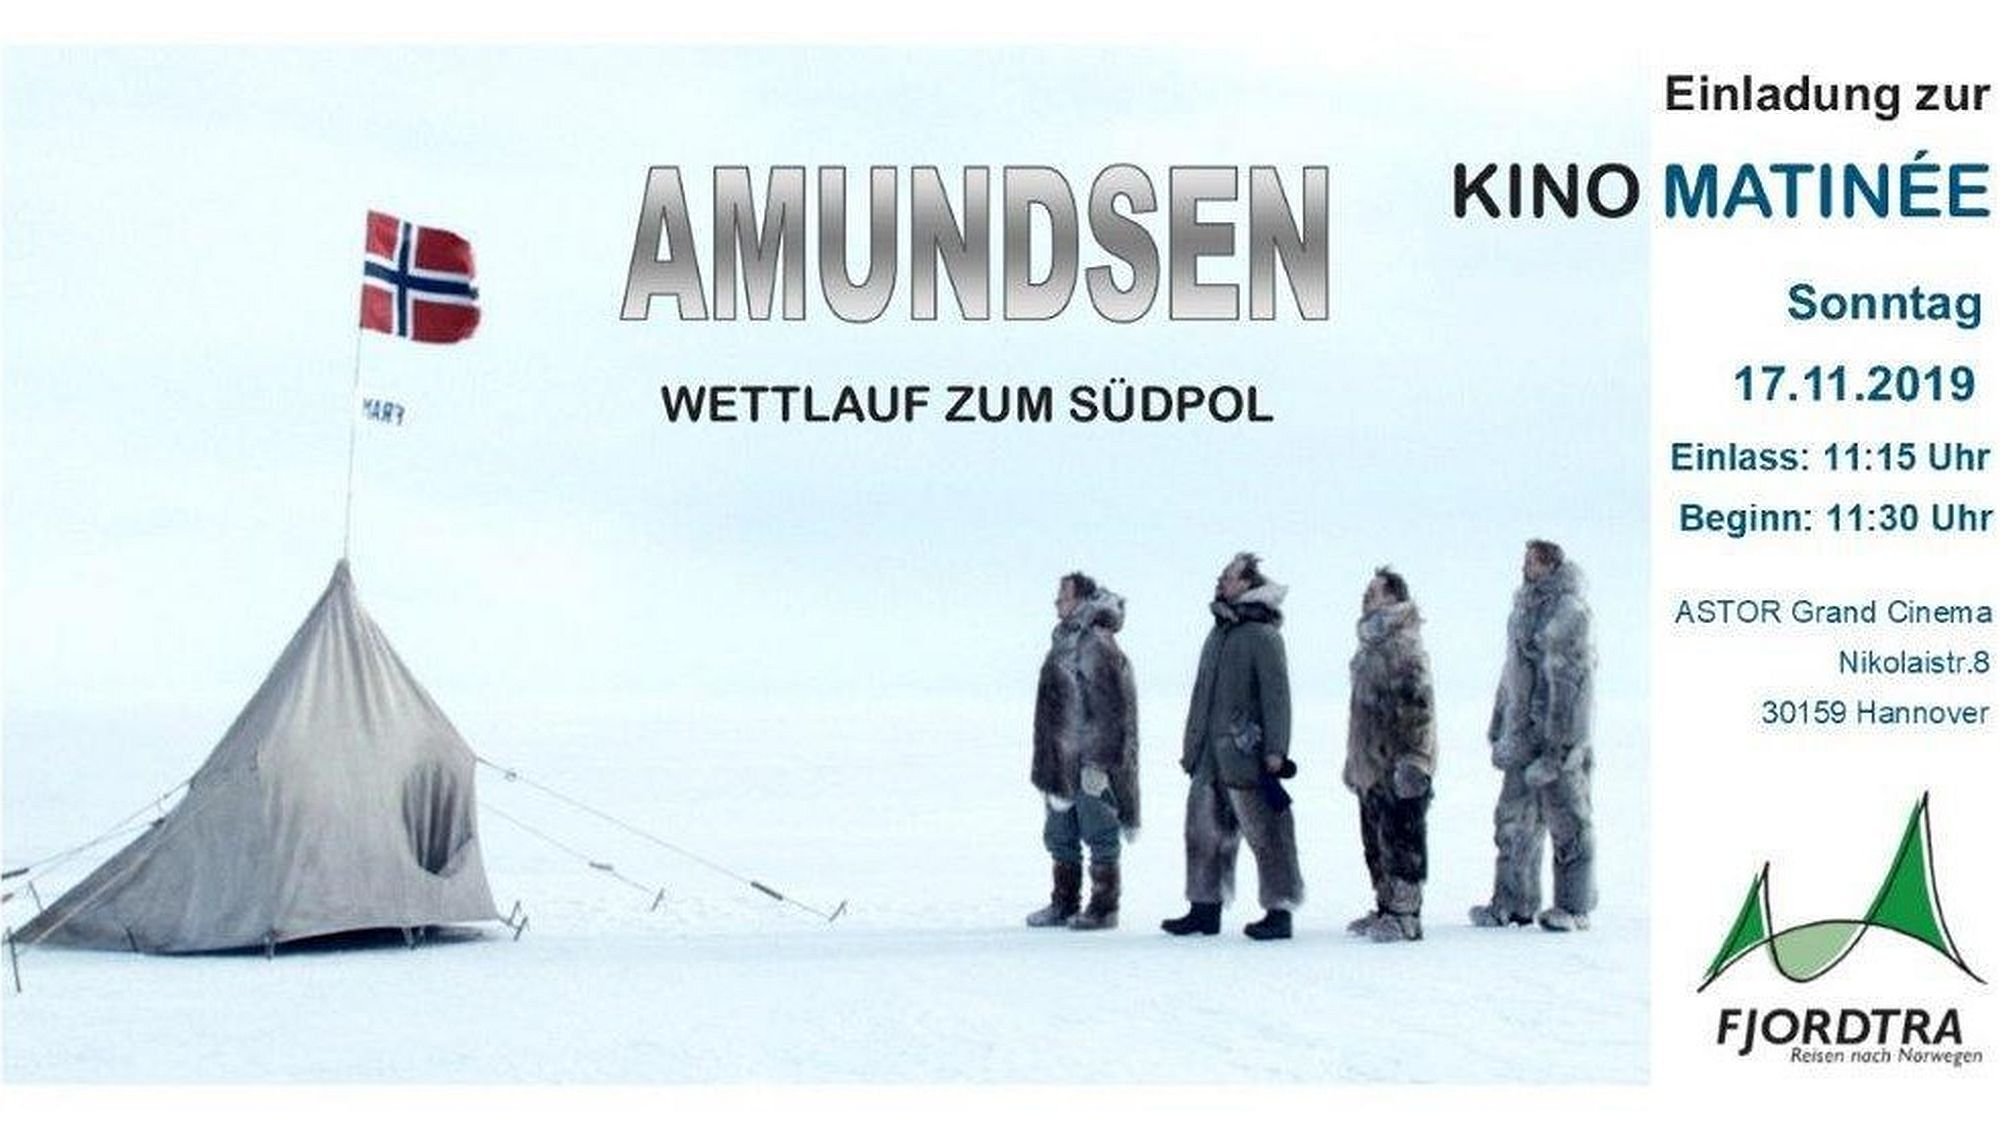 Einladungskarte Amundsen